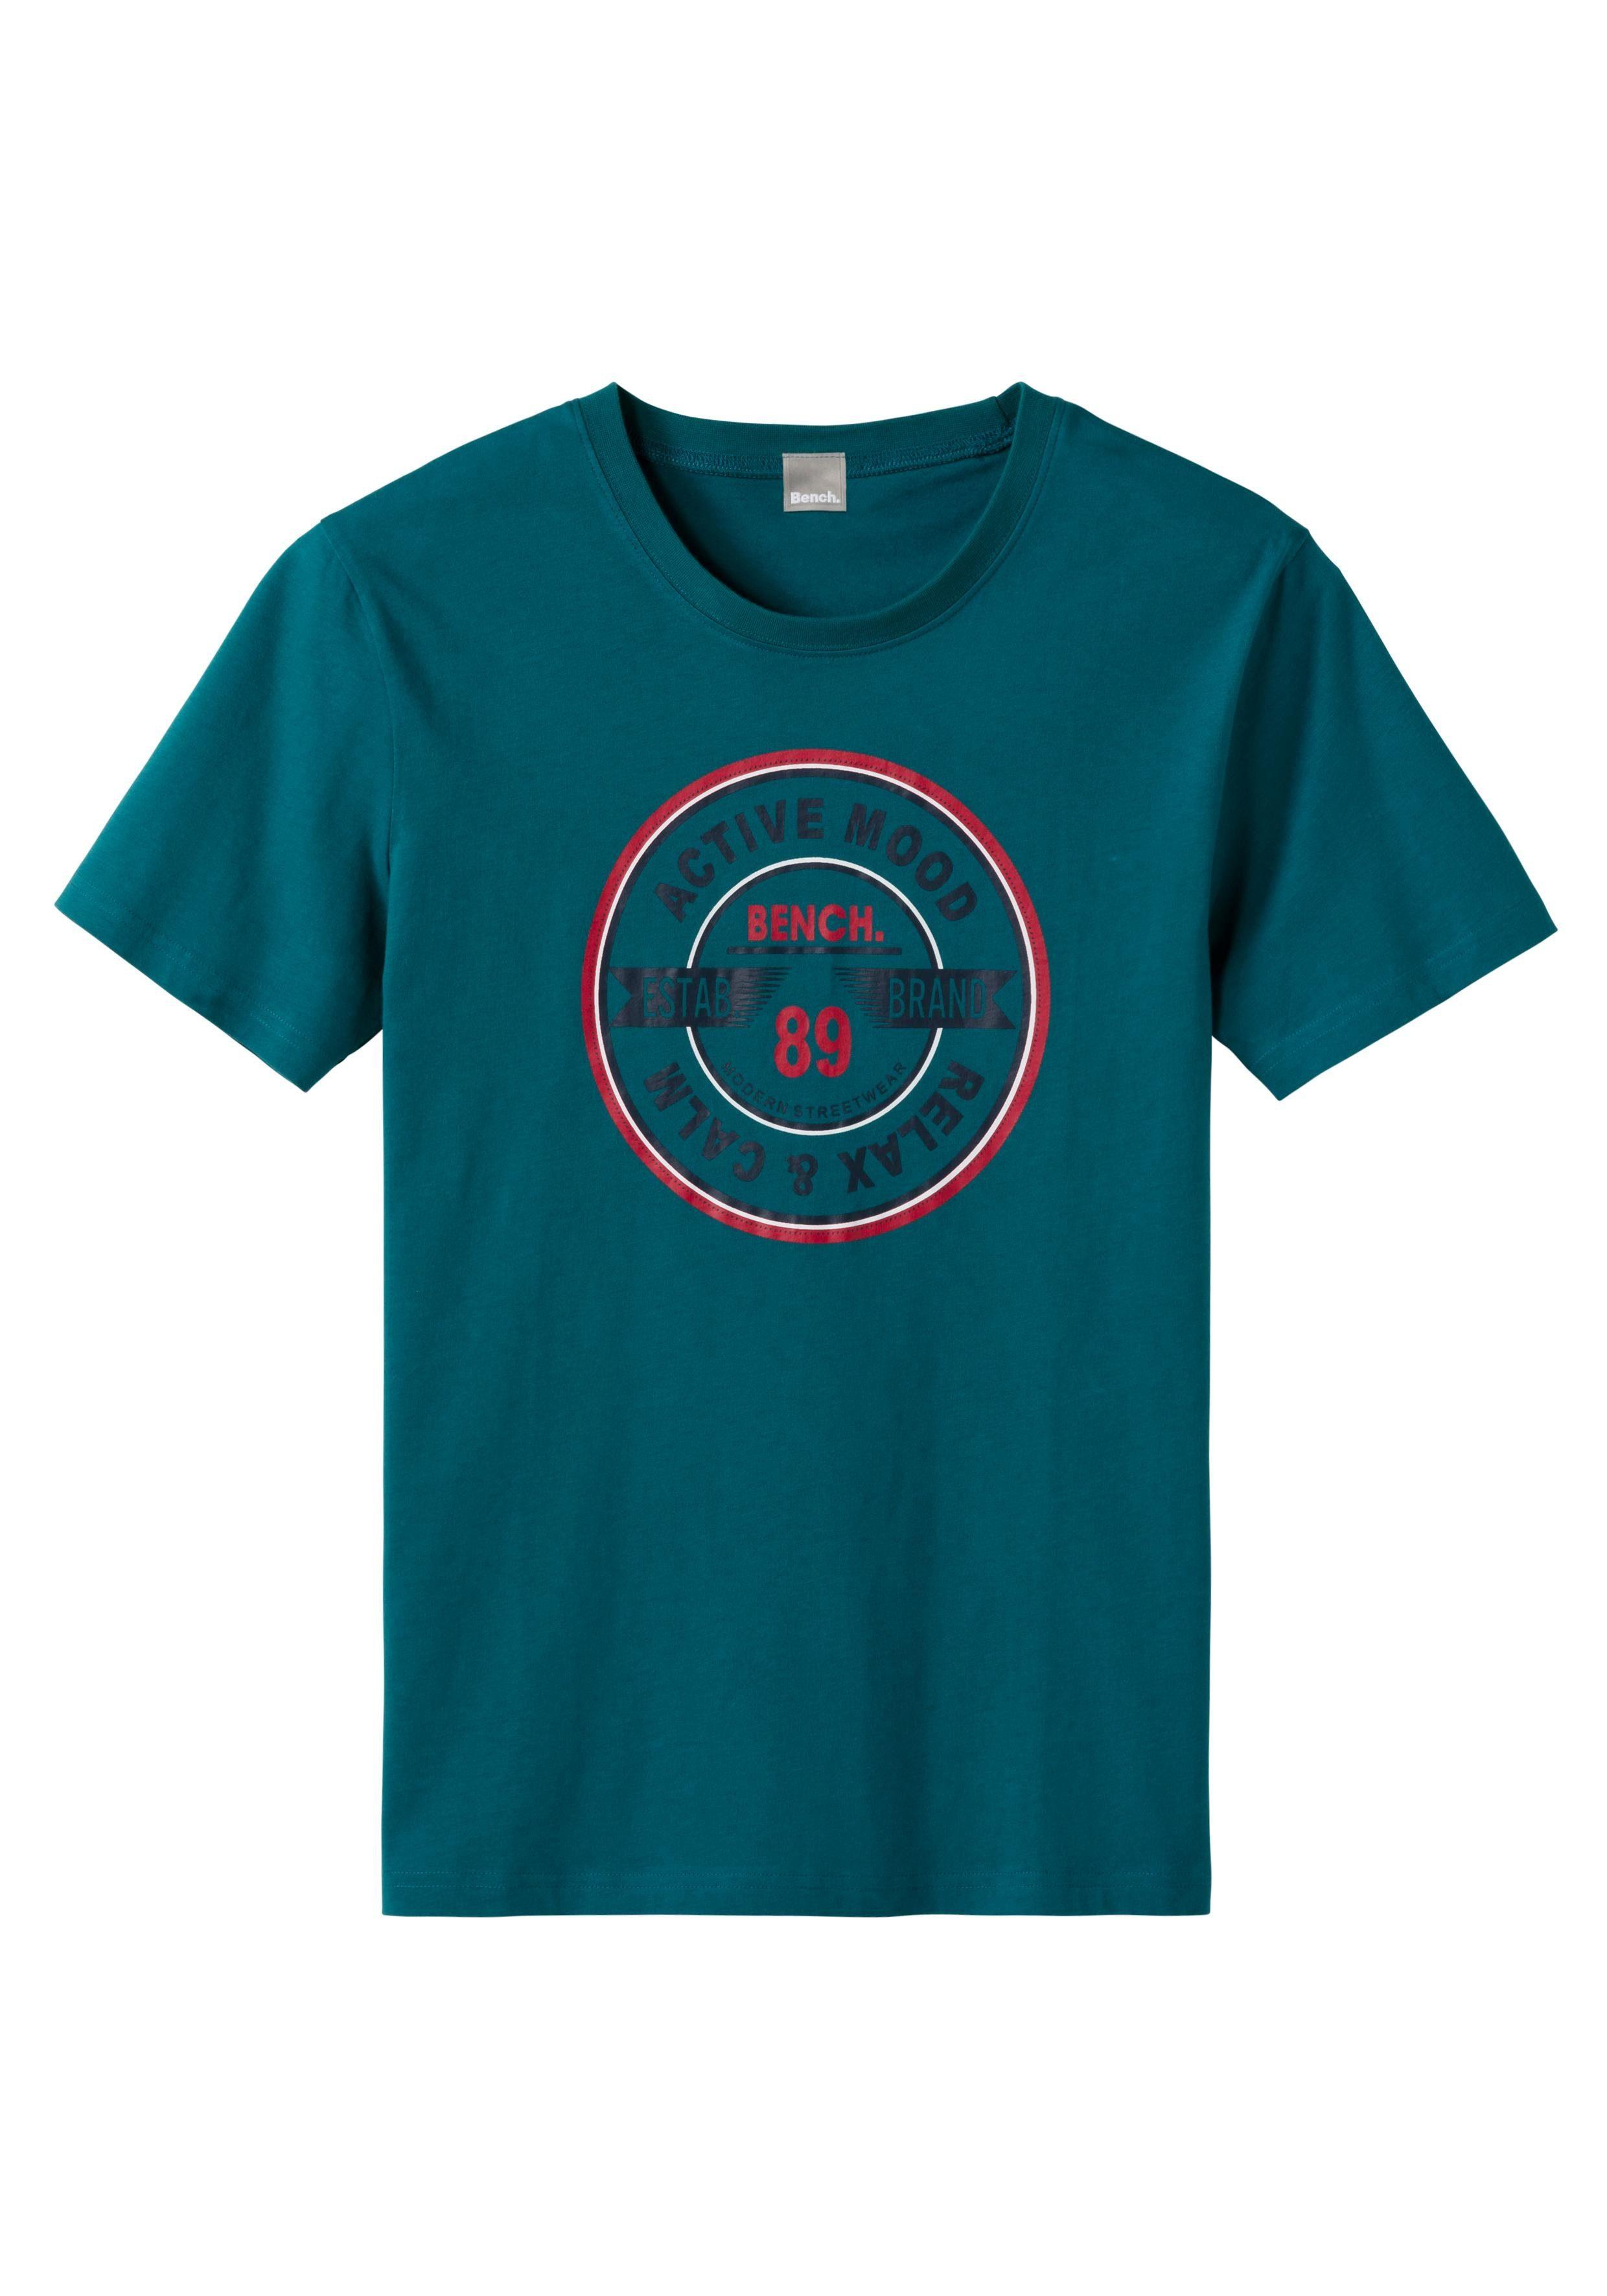 Modischem Mit shirt BenchT Frontprint Kaufen 4RA35jL